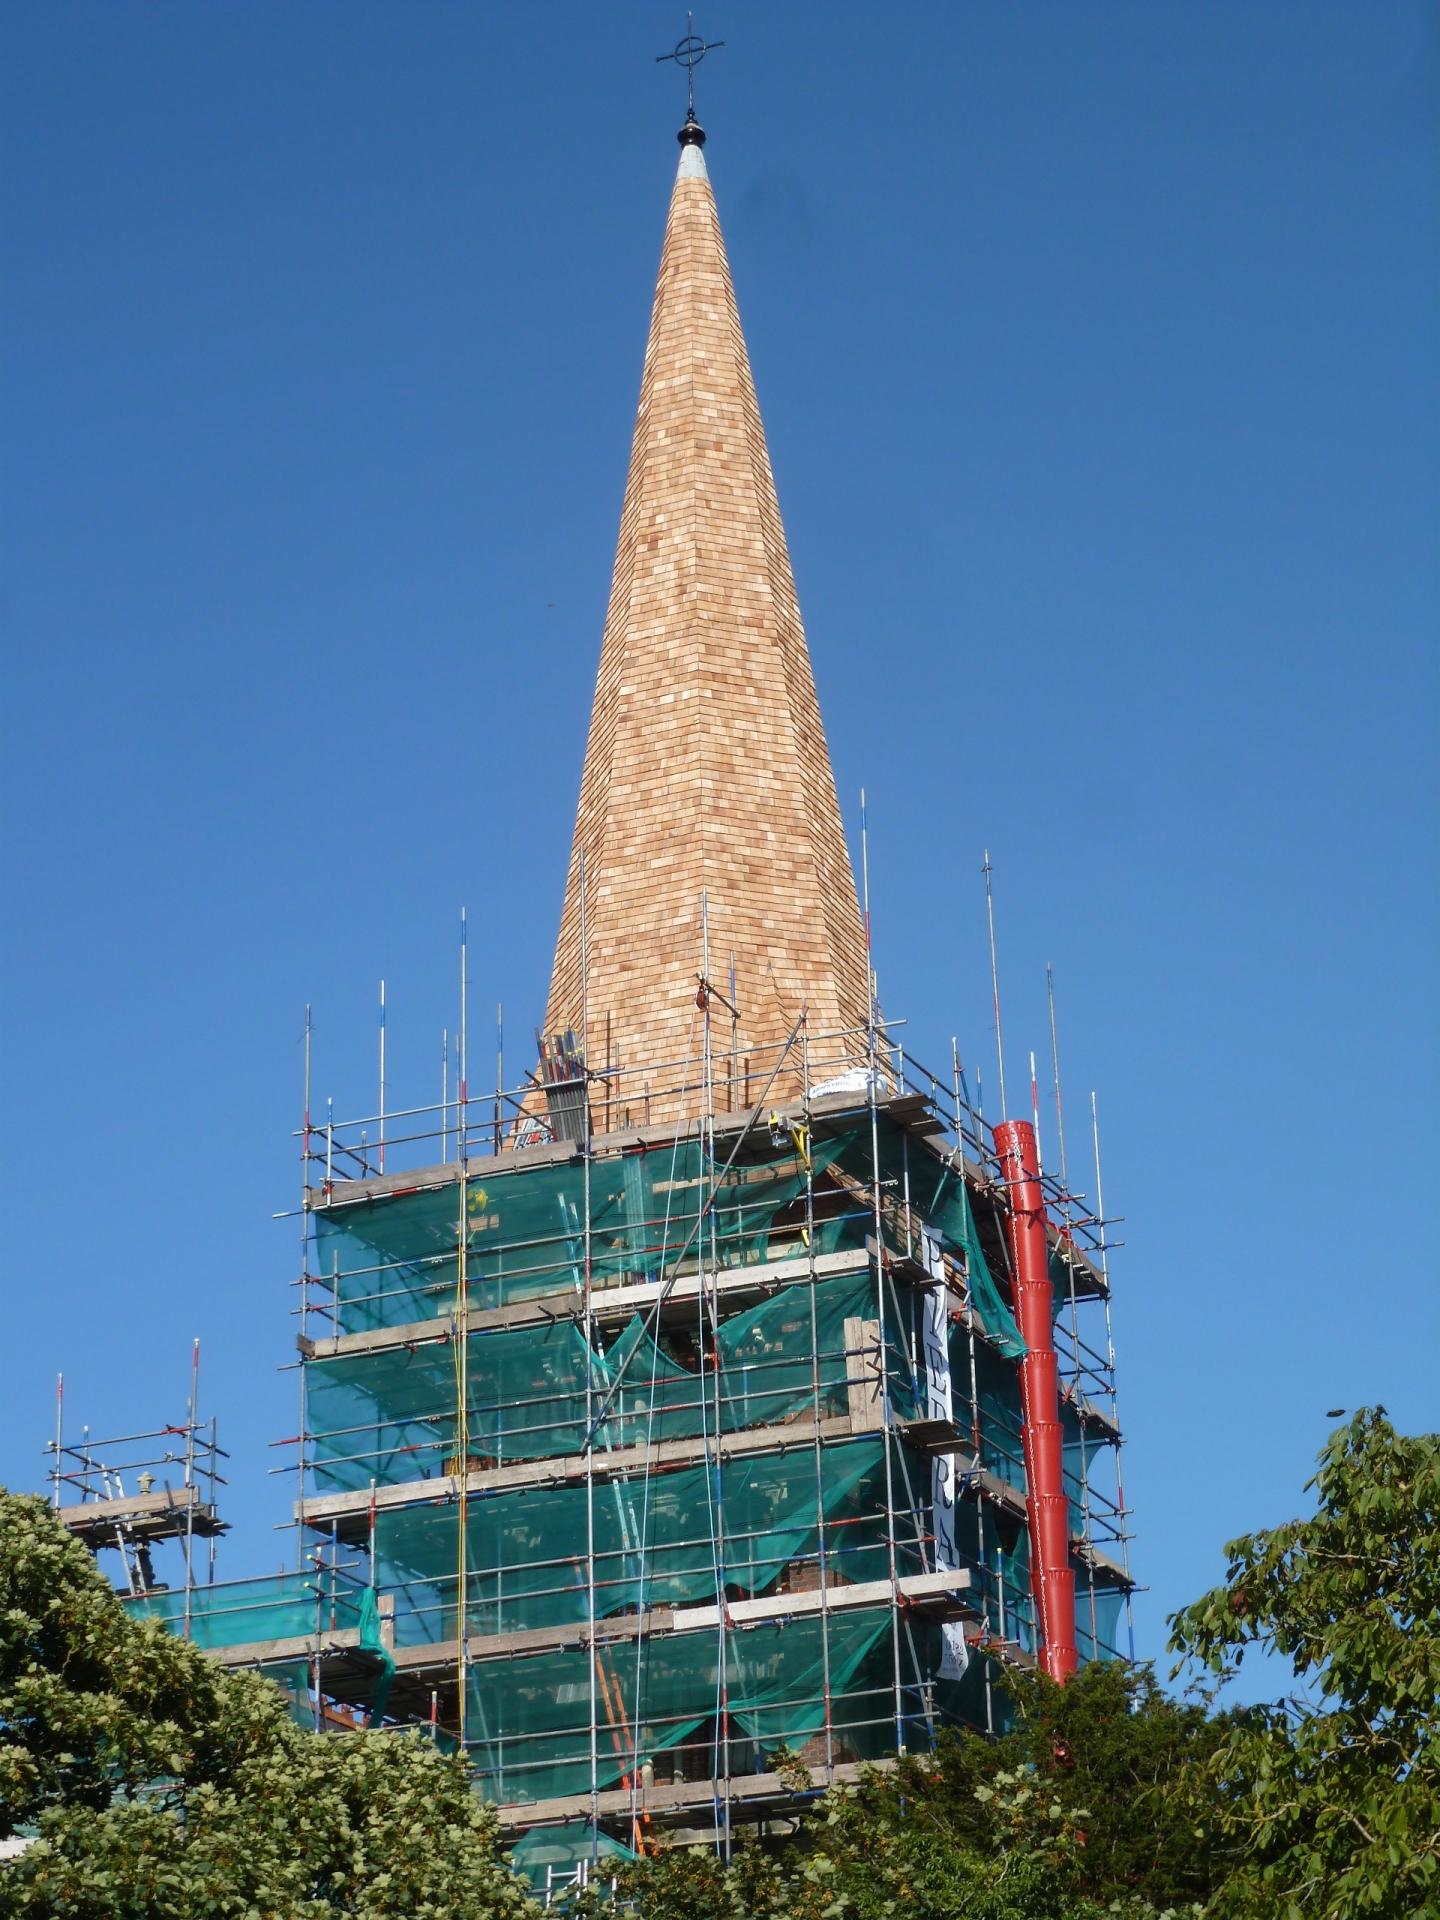 St. Botolph's, Heene, reshingled spire, 7.8.16